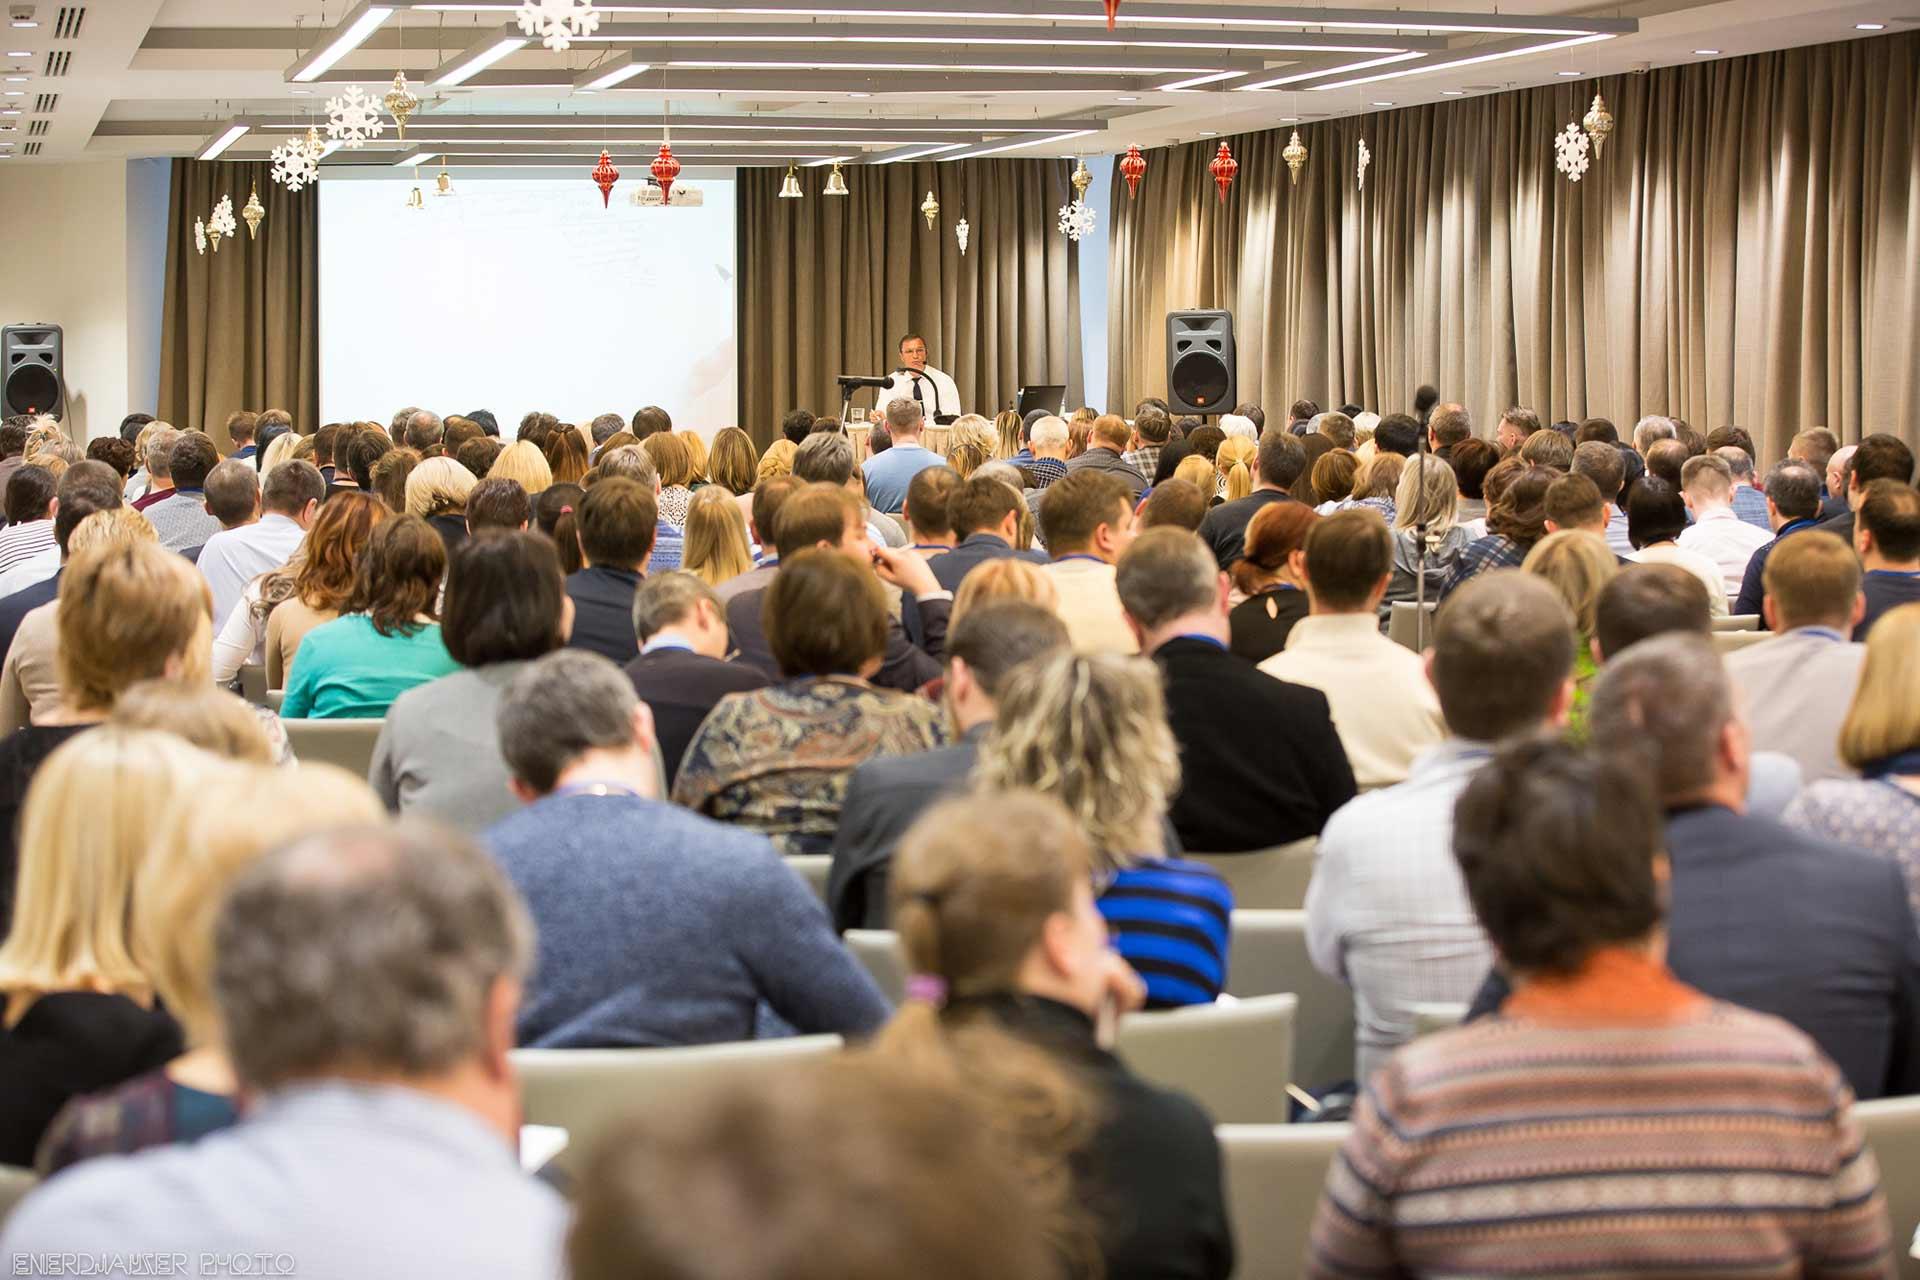 Простые способы заинтересовать аудиторию при публичном выступлении. Разговорите аудиторию.